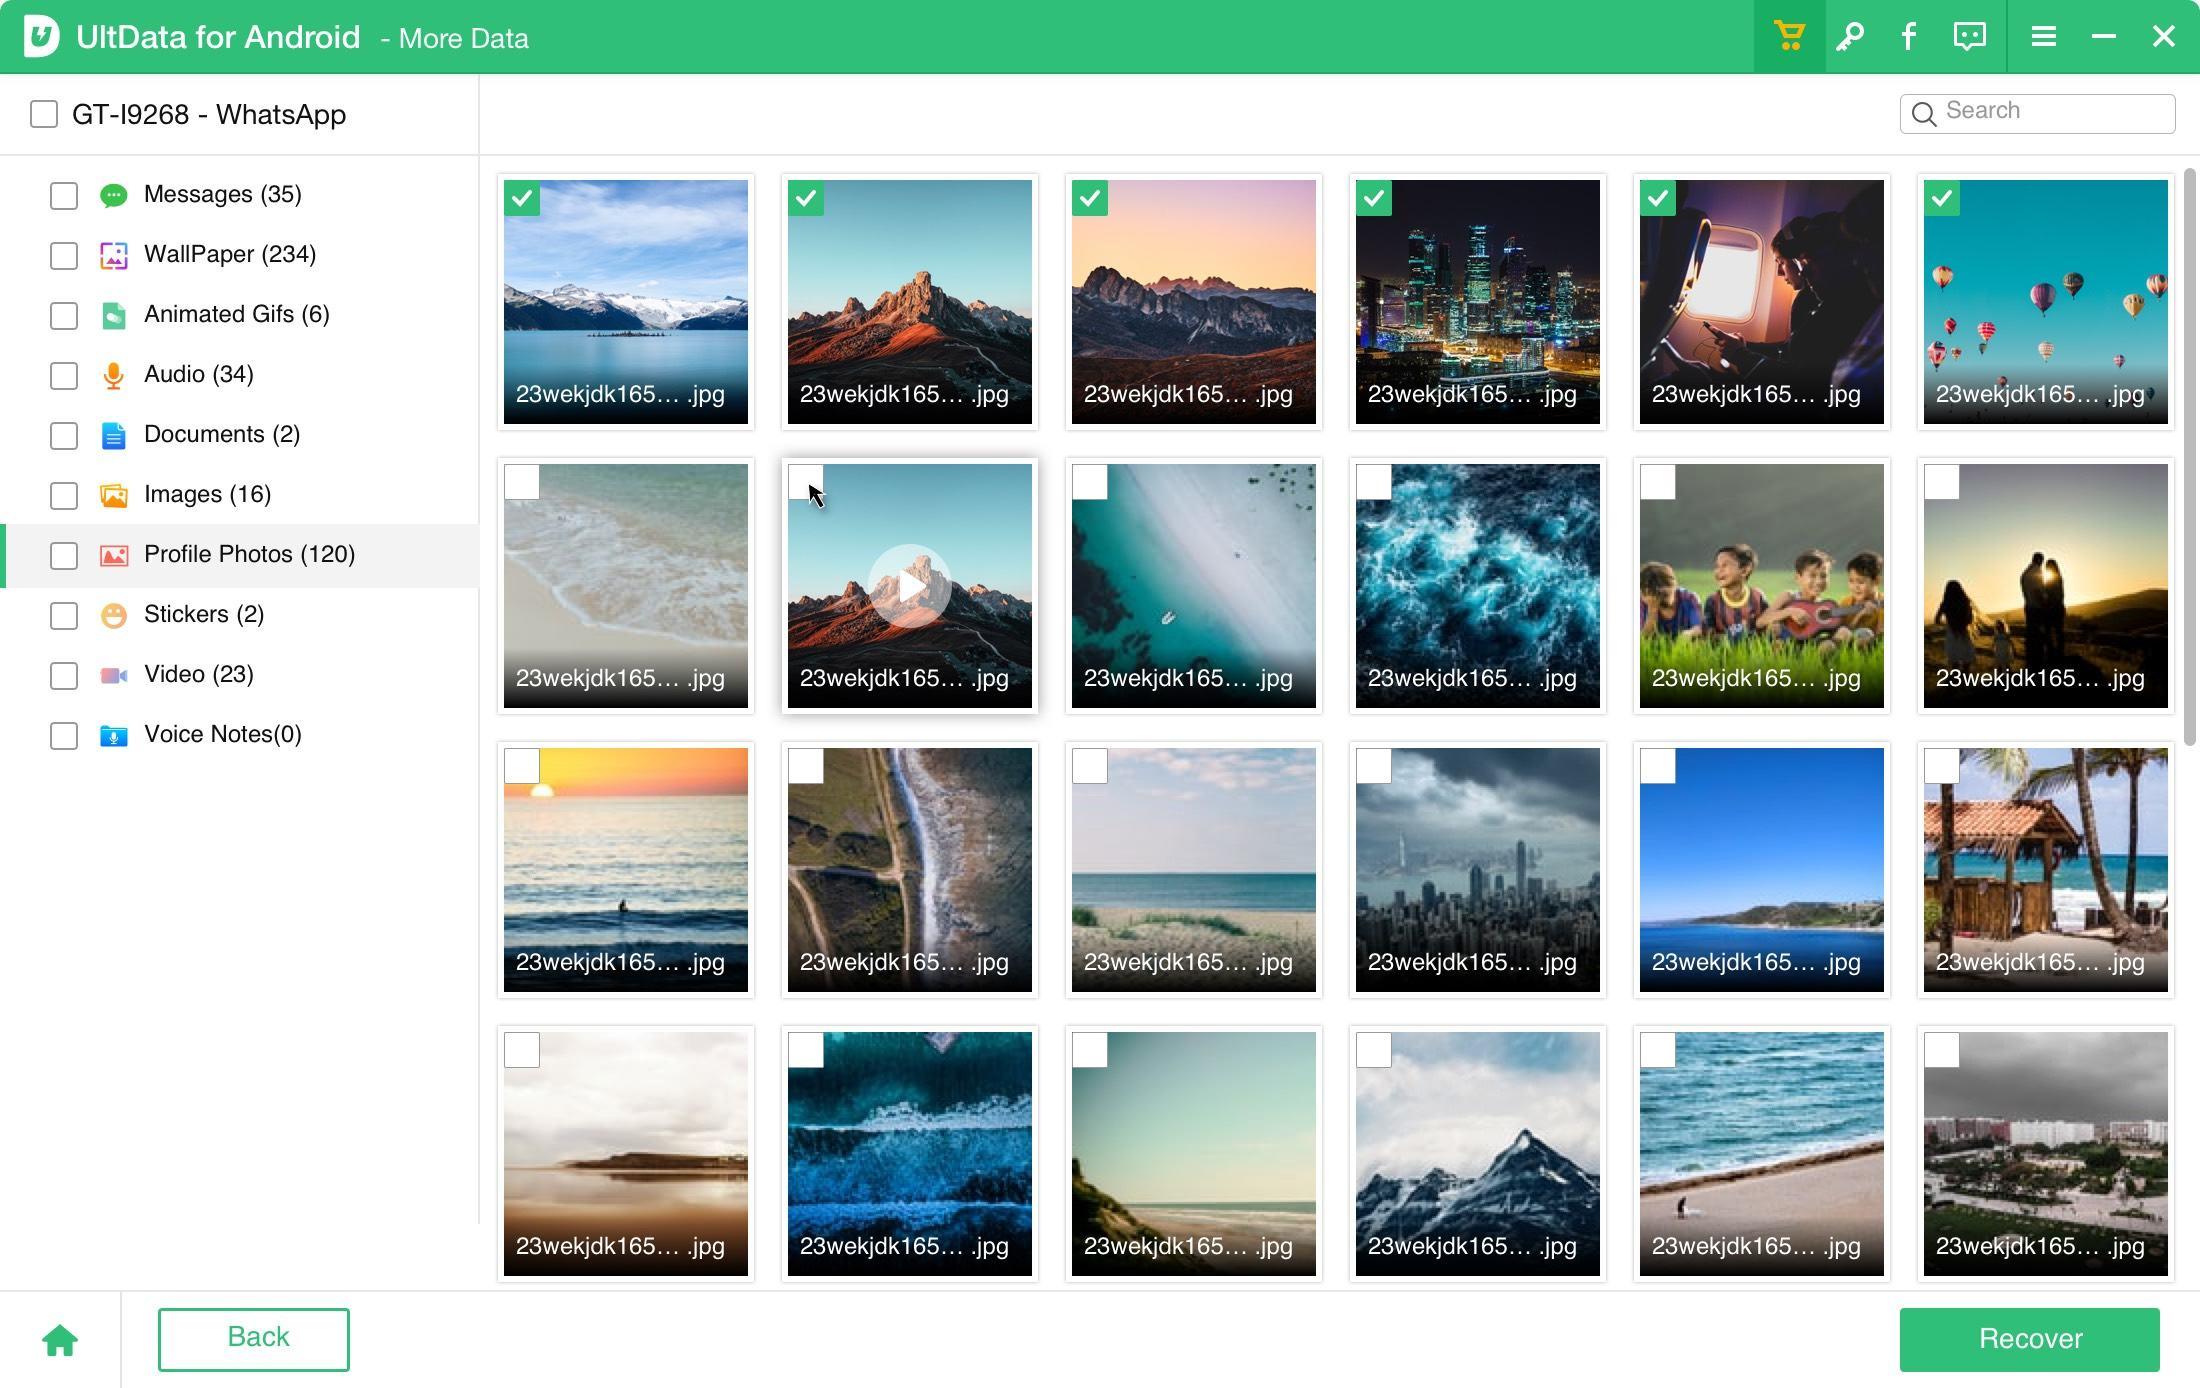 UltData für Android die gewünschten Daten wiederherstellen